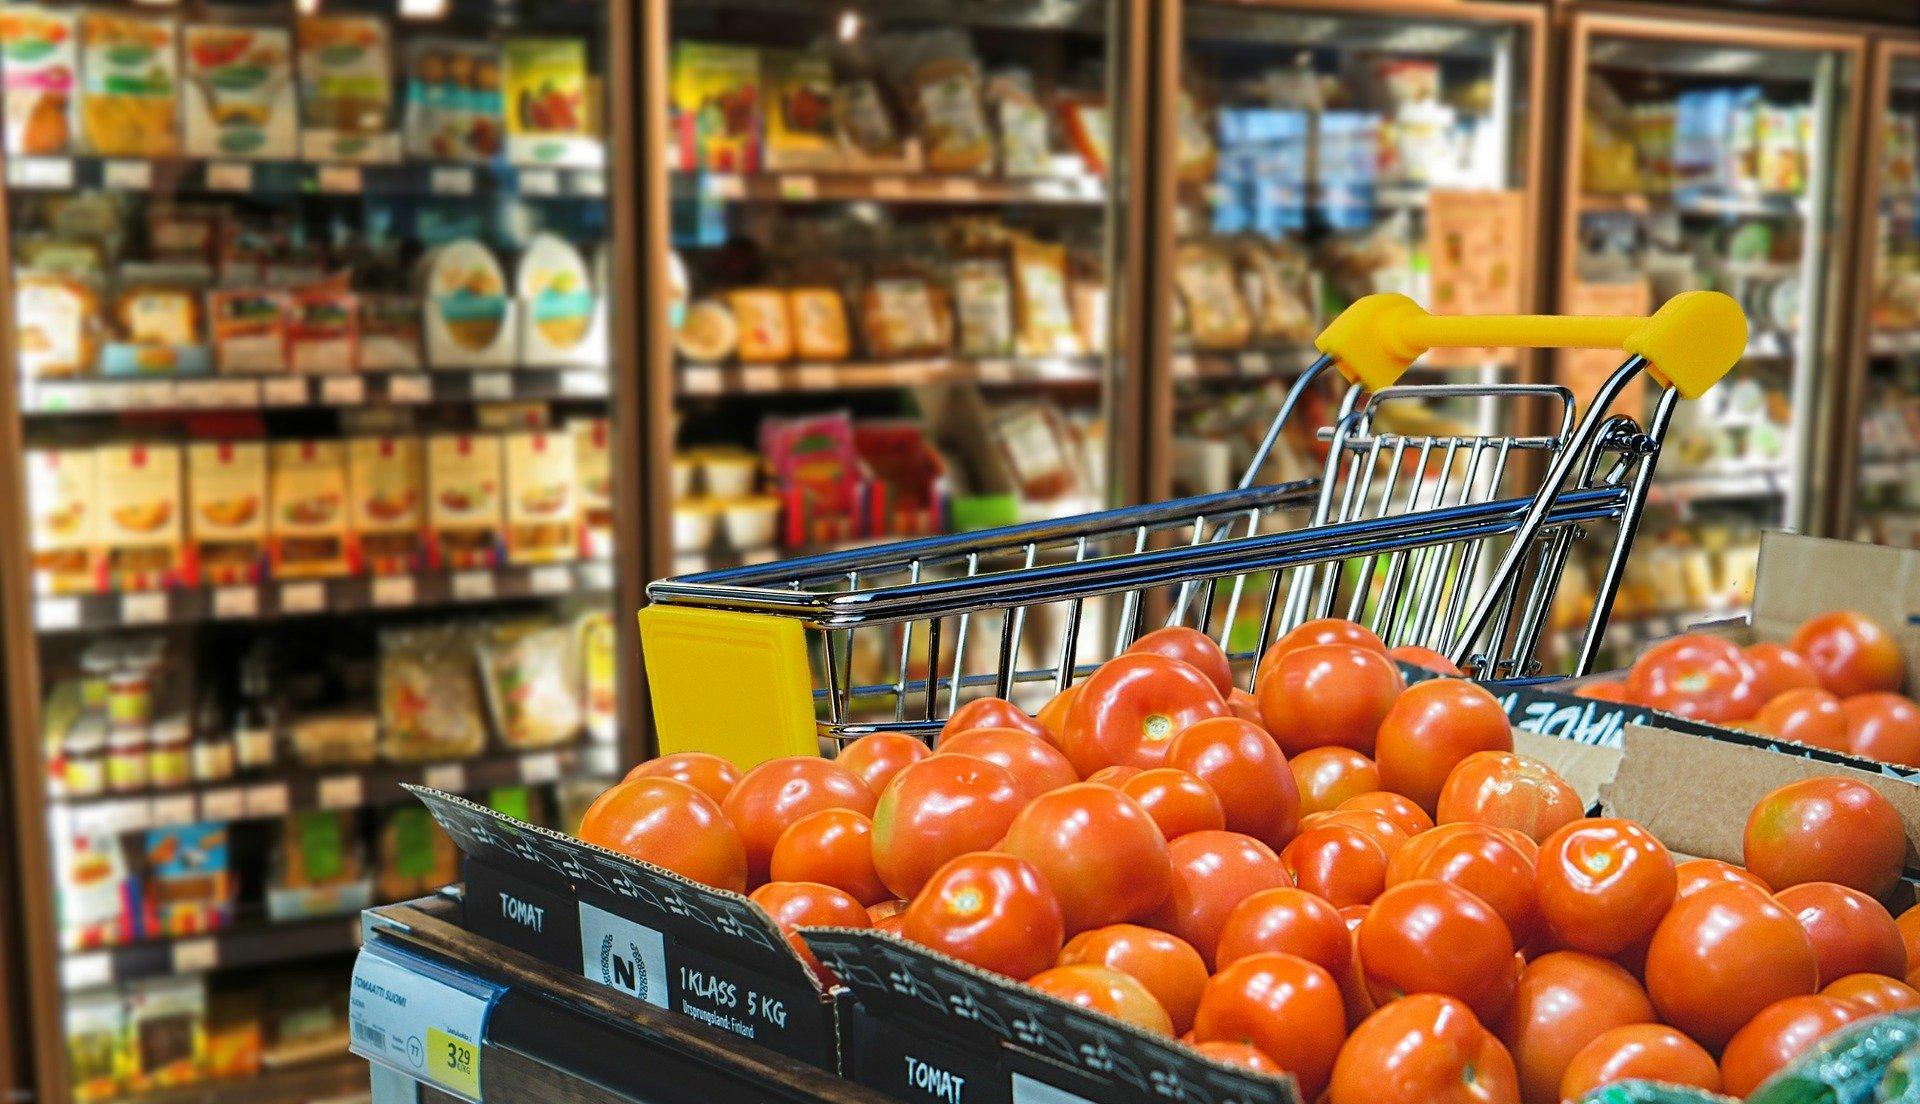 desinfectar supermercado - carrito